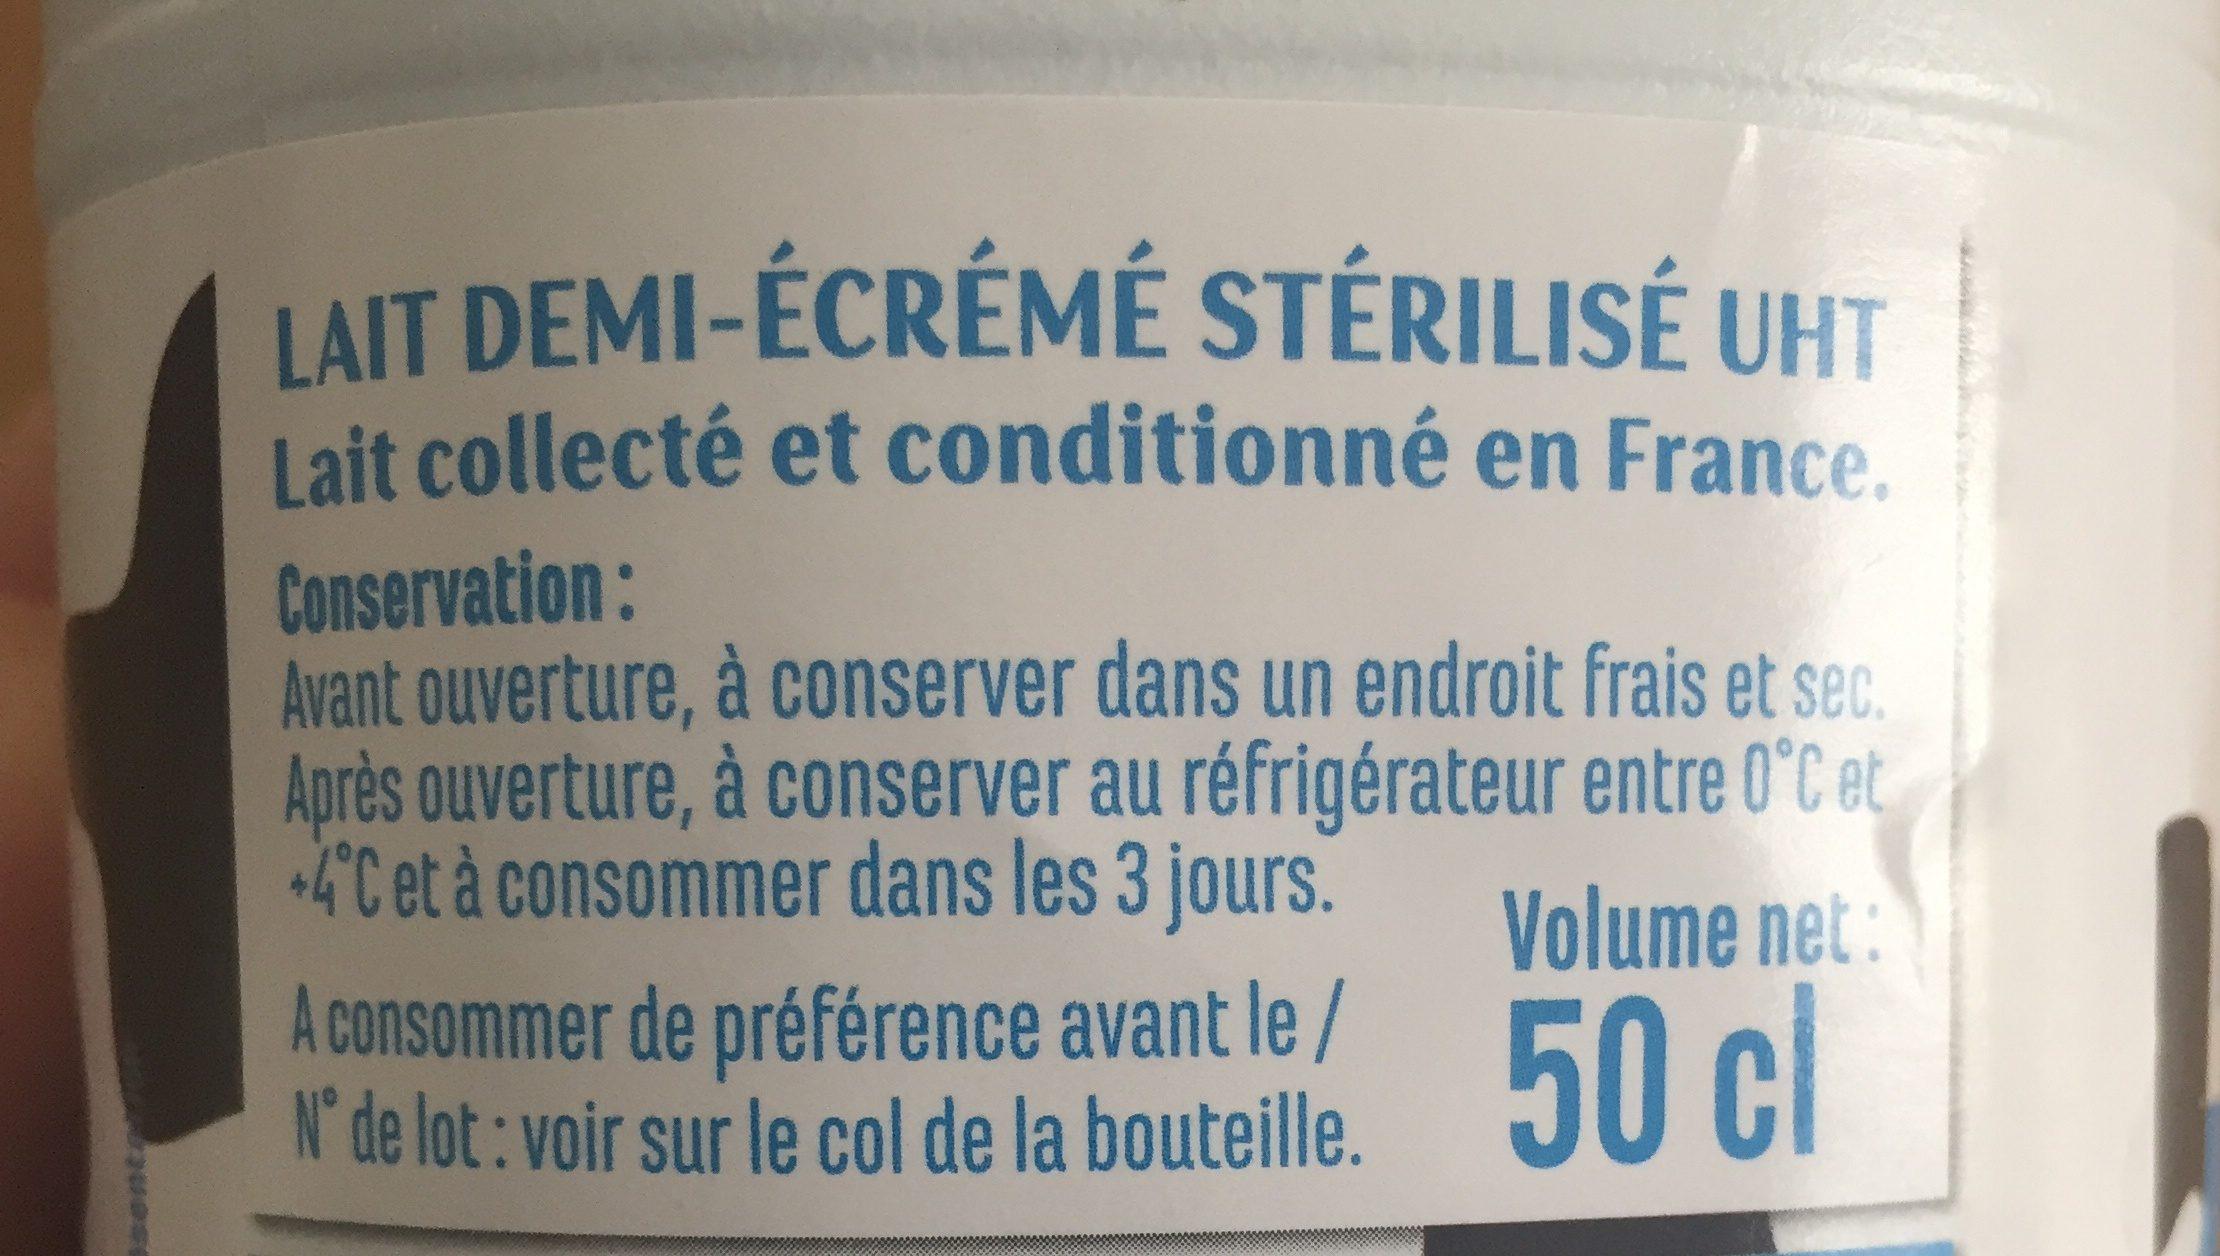 Lait demi-écrémé CASINO 50CL - Ingrediënten